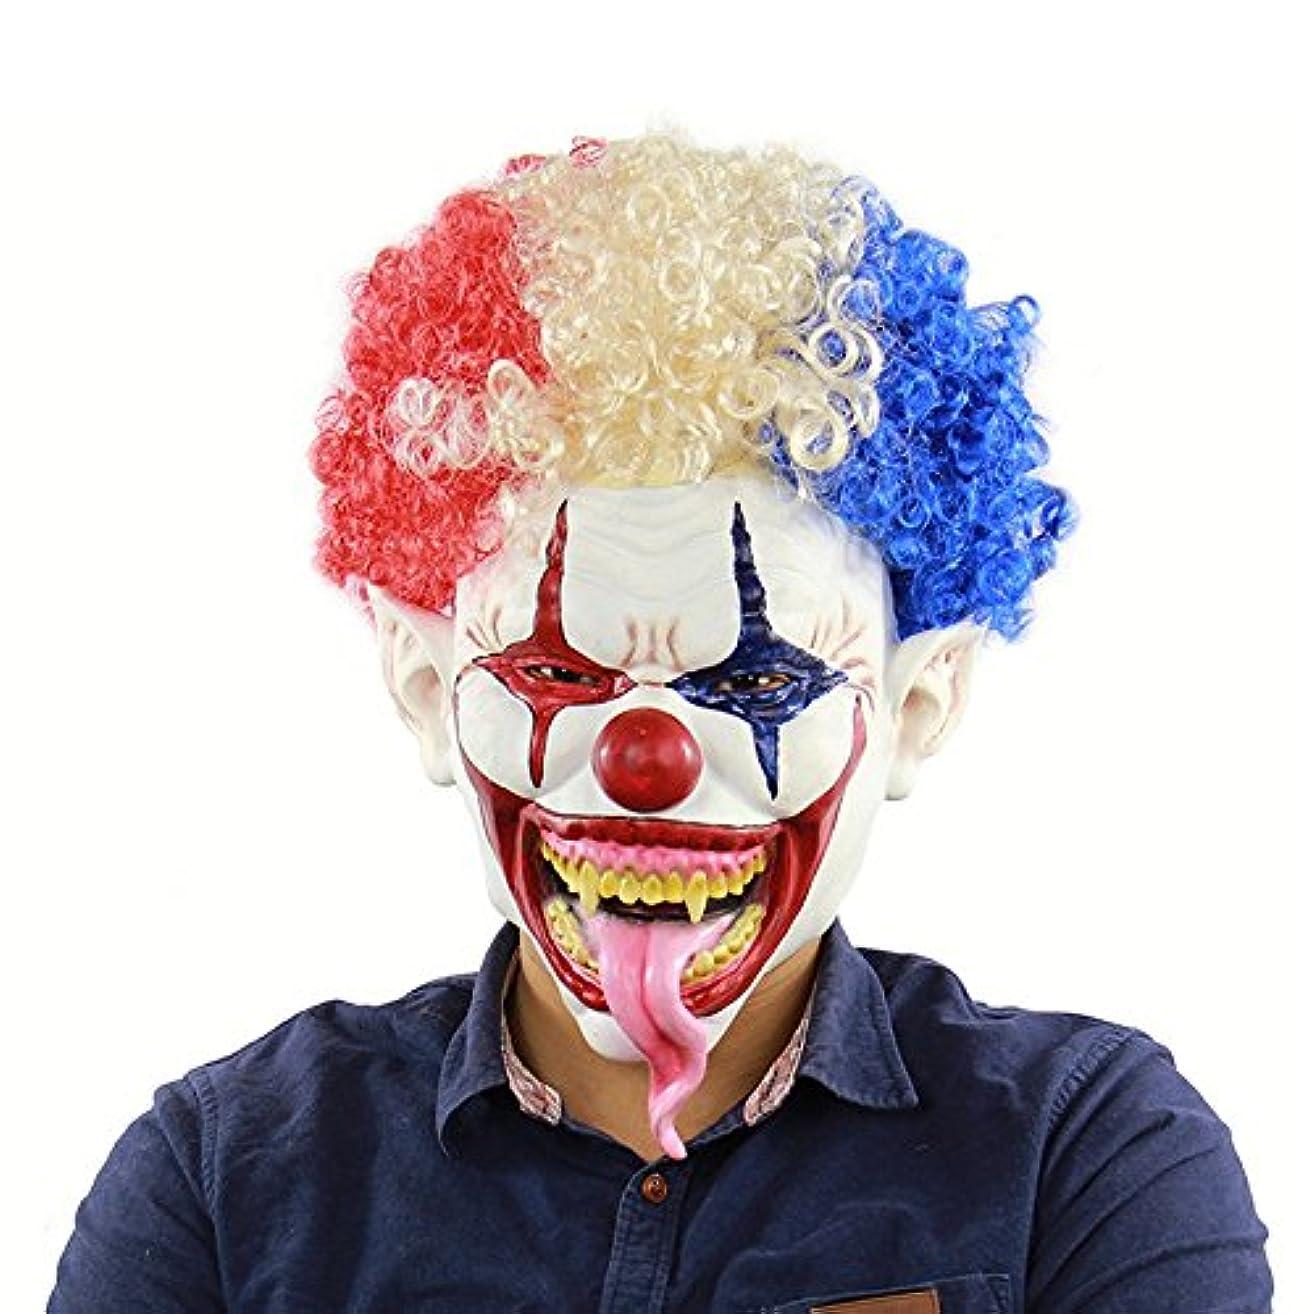 元気無秩序概念爆発的なヘッド大きな口長い舌ピエロマスクハロウィンアマゾン外国為替ラテックスホラーヘッドカバー